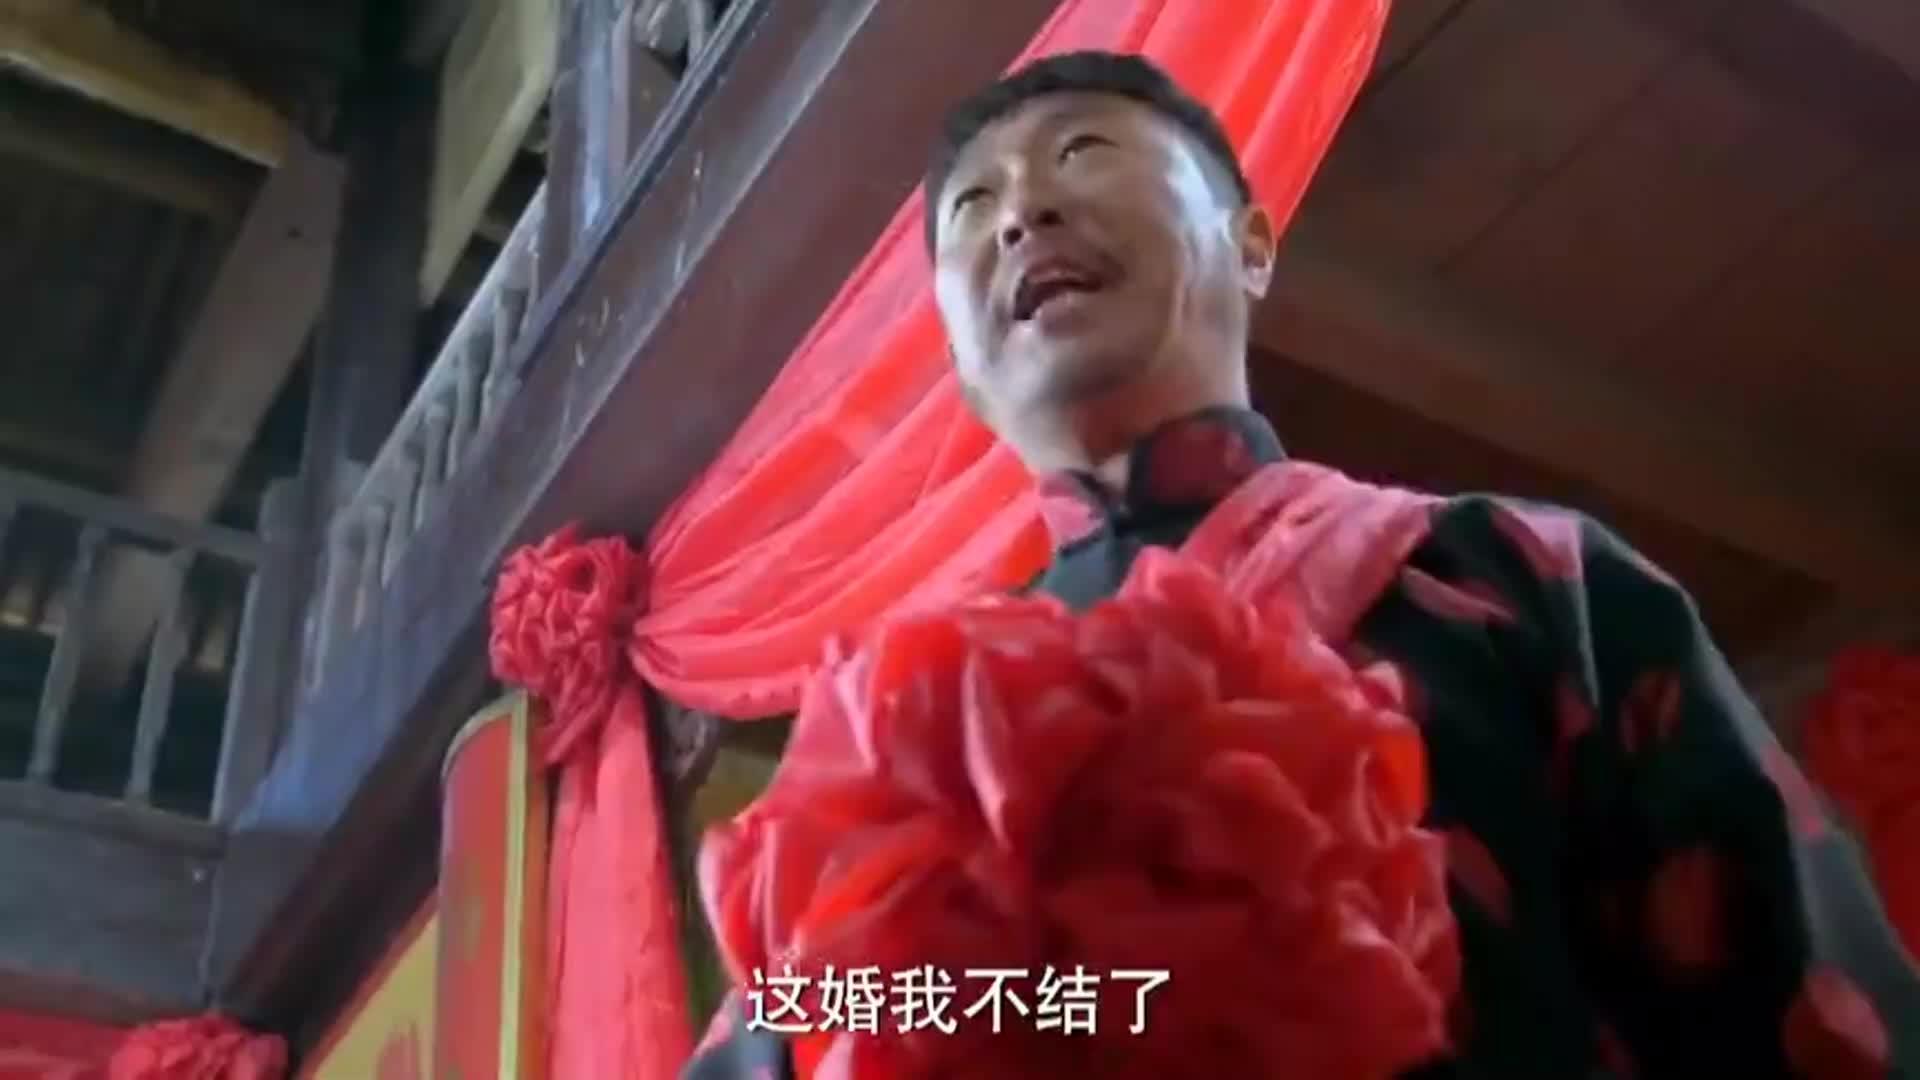 赵关克不愿娶漂亮姑娘,当场砸了自己婚宴,新娘直接跟兄弟跑了!